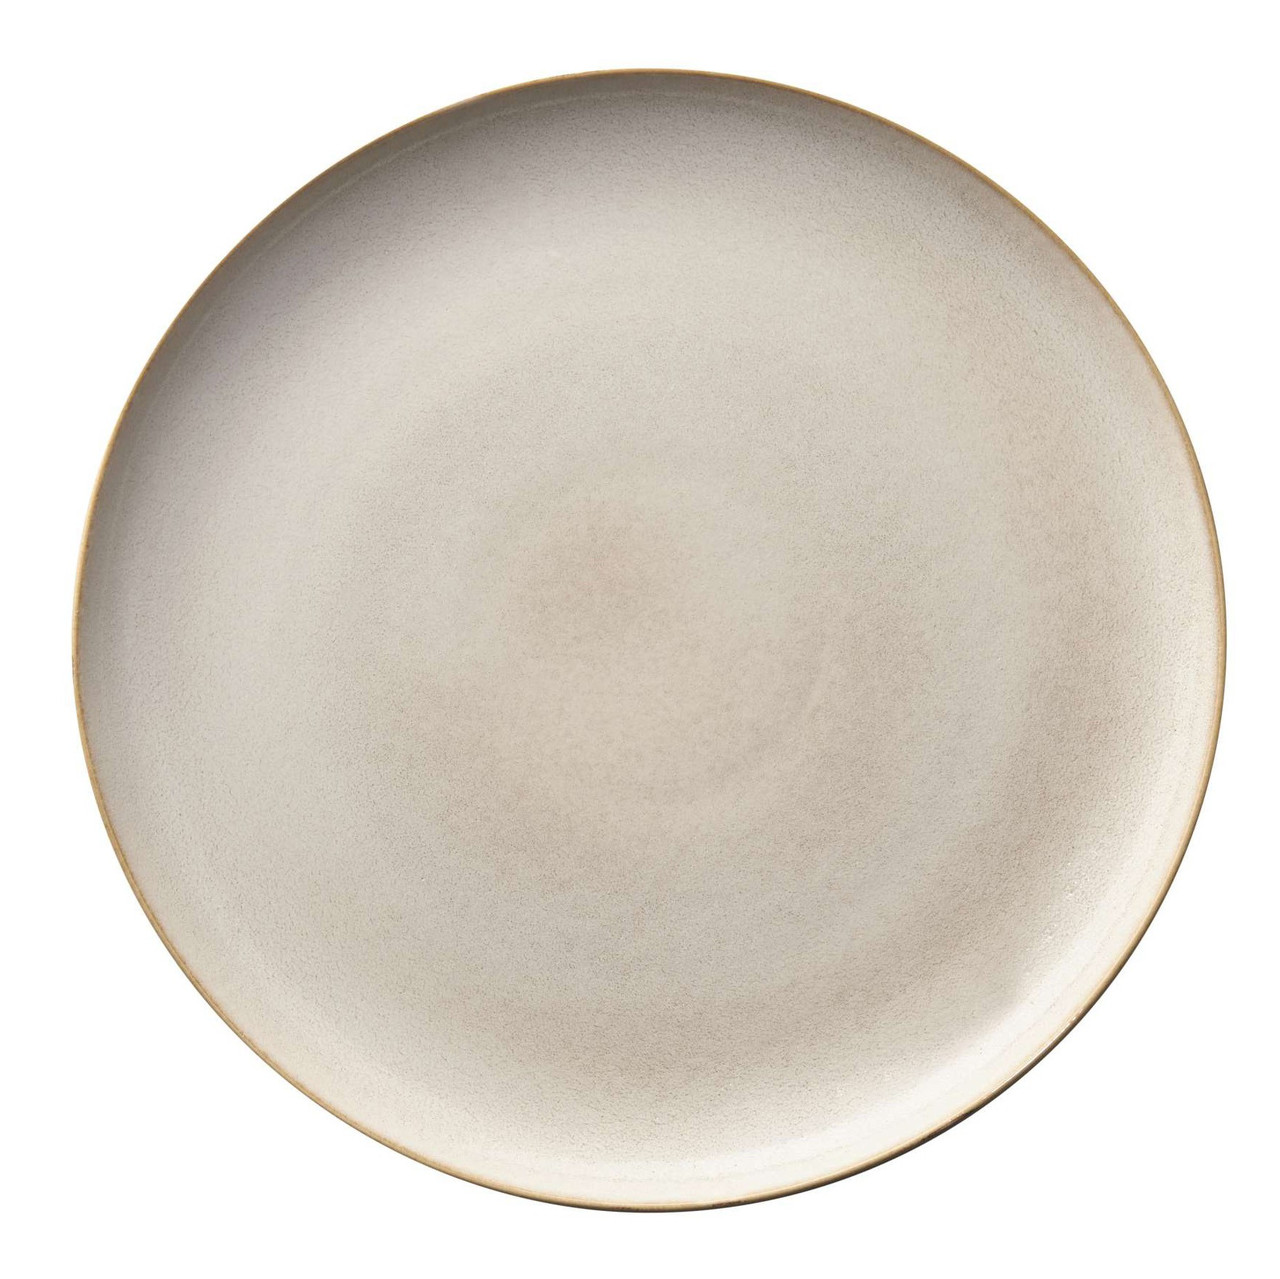 Тарелка Asa Saisons 26.5 см 27161107